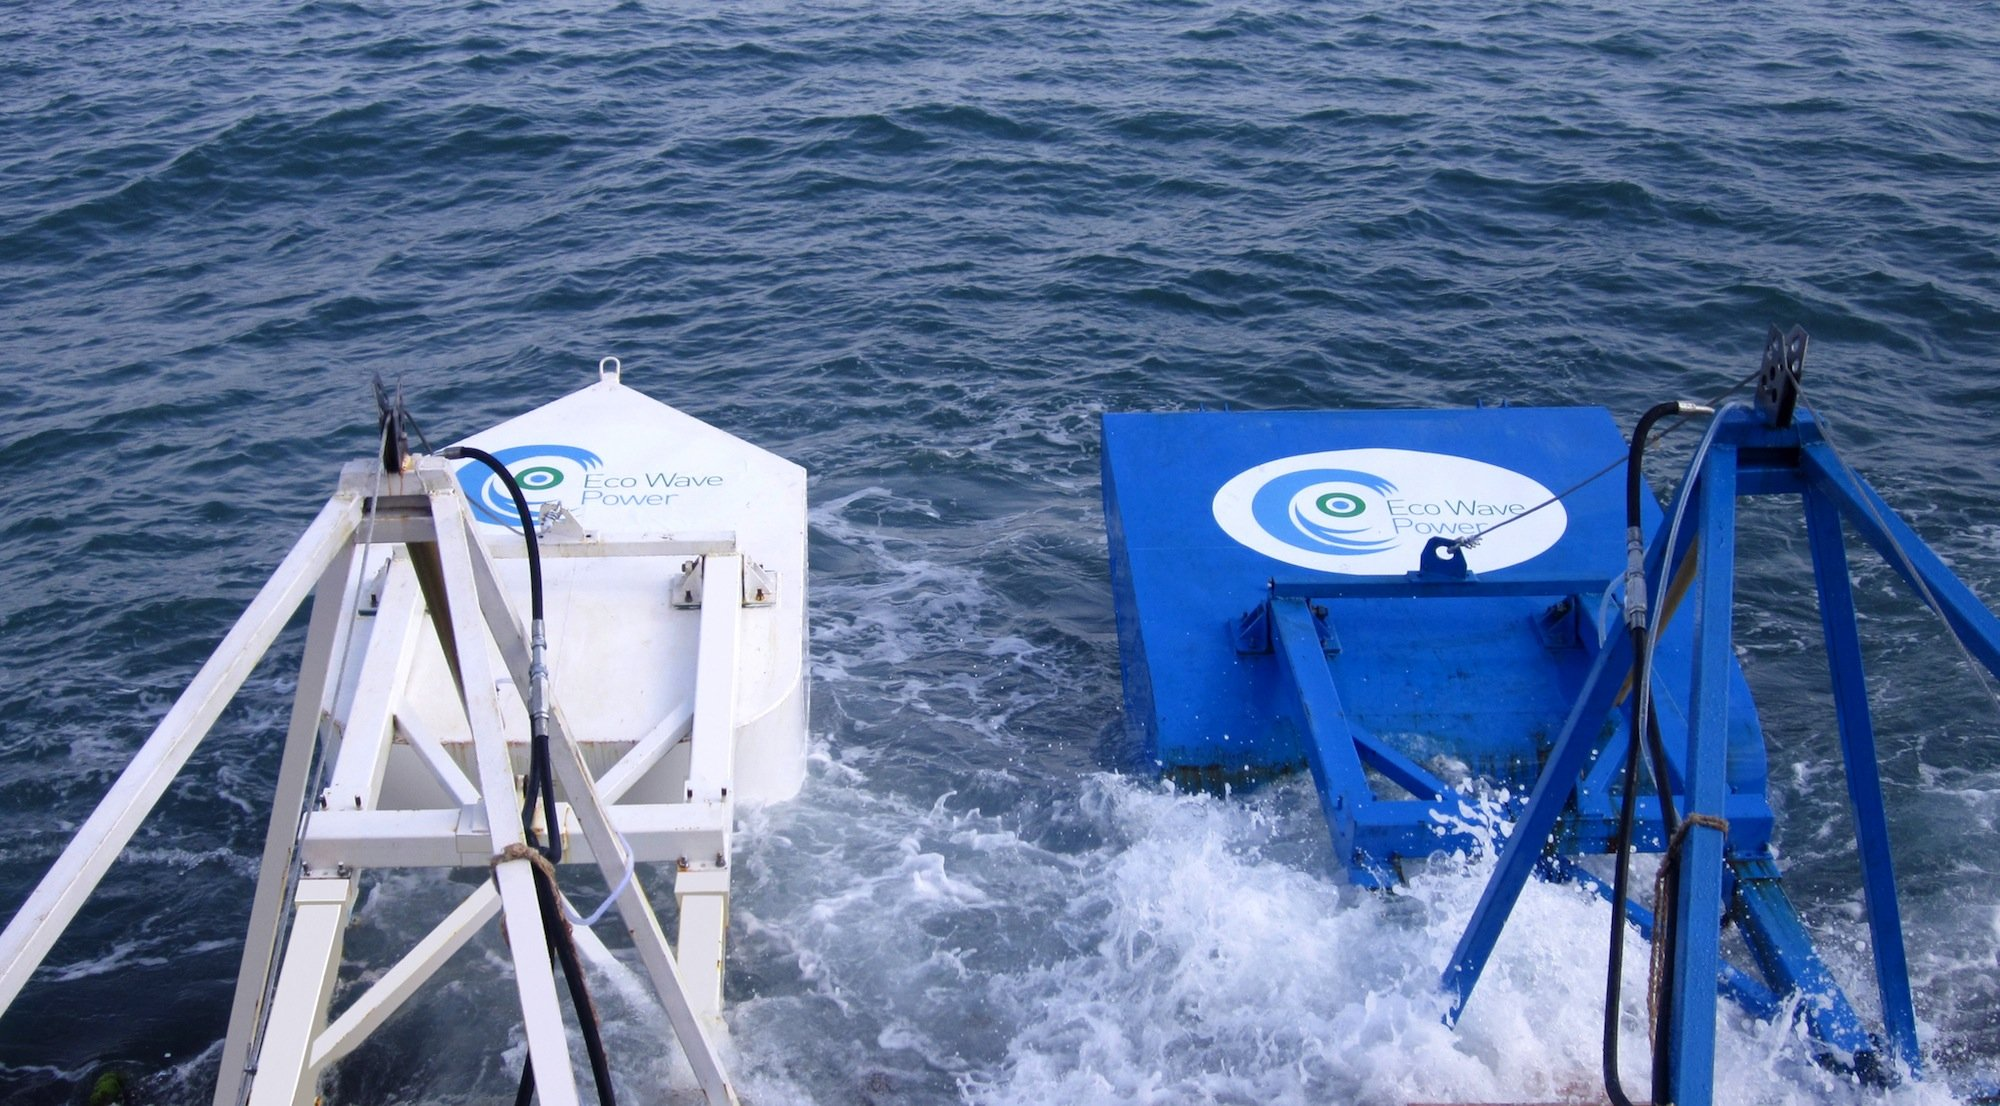 Schwimmkörper des Wellenkraftwerks, das israelische Ingenieure entwickelt haben. Die Körper erzeugen durch die Wellenbewegungen Druck, der in Strom umgewandelt wird. Gibraltar will nun ein solches Kraftwerk direkt an seiner Küste errichten.